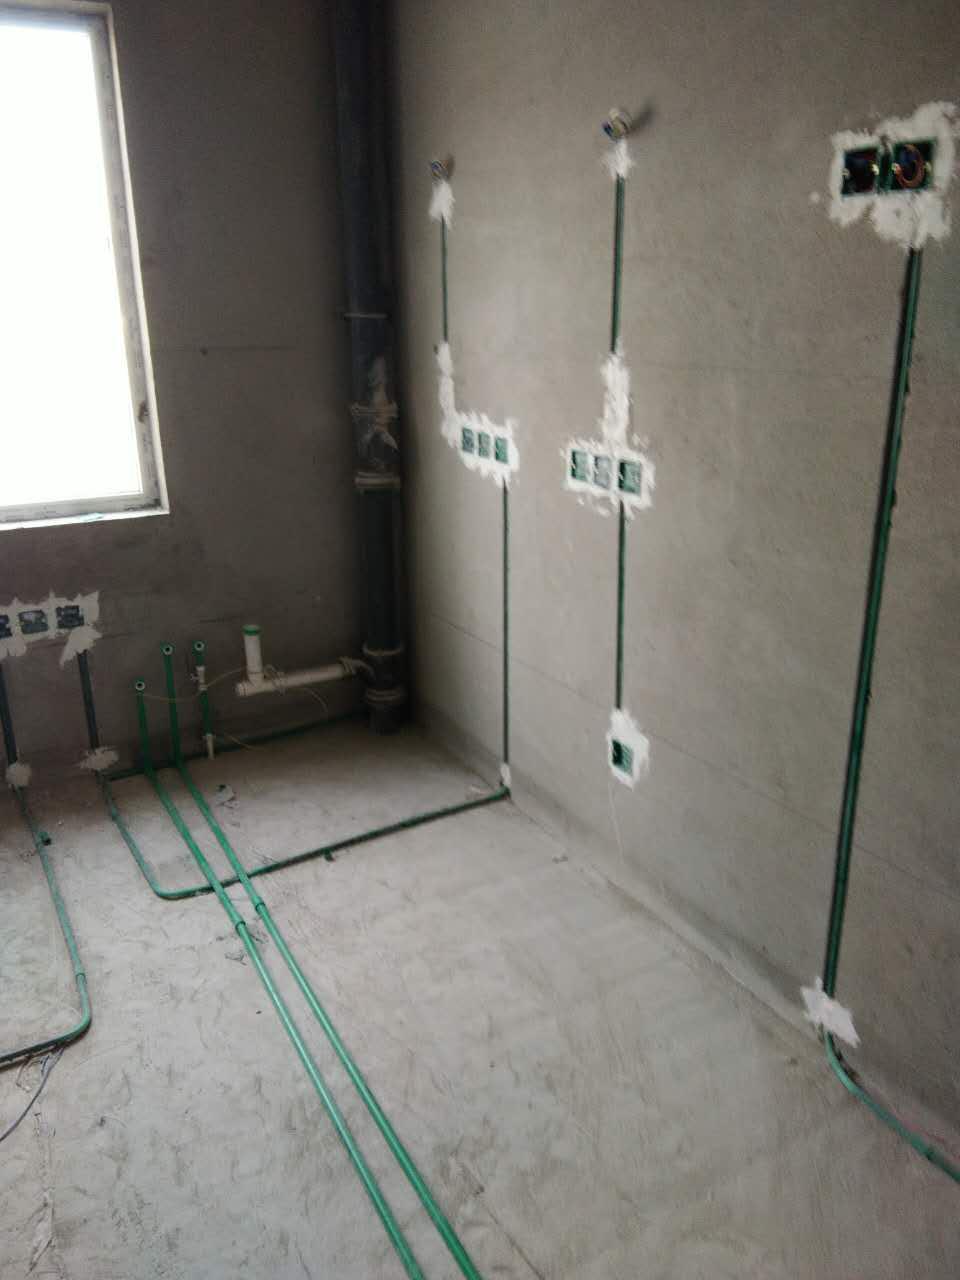 水电隐蔽工程已经开启施工,基准线标准线已经达标,水电横平竖直按照国际以及公司标准在施工!